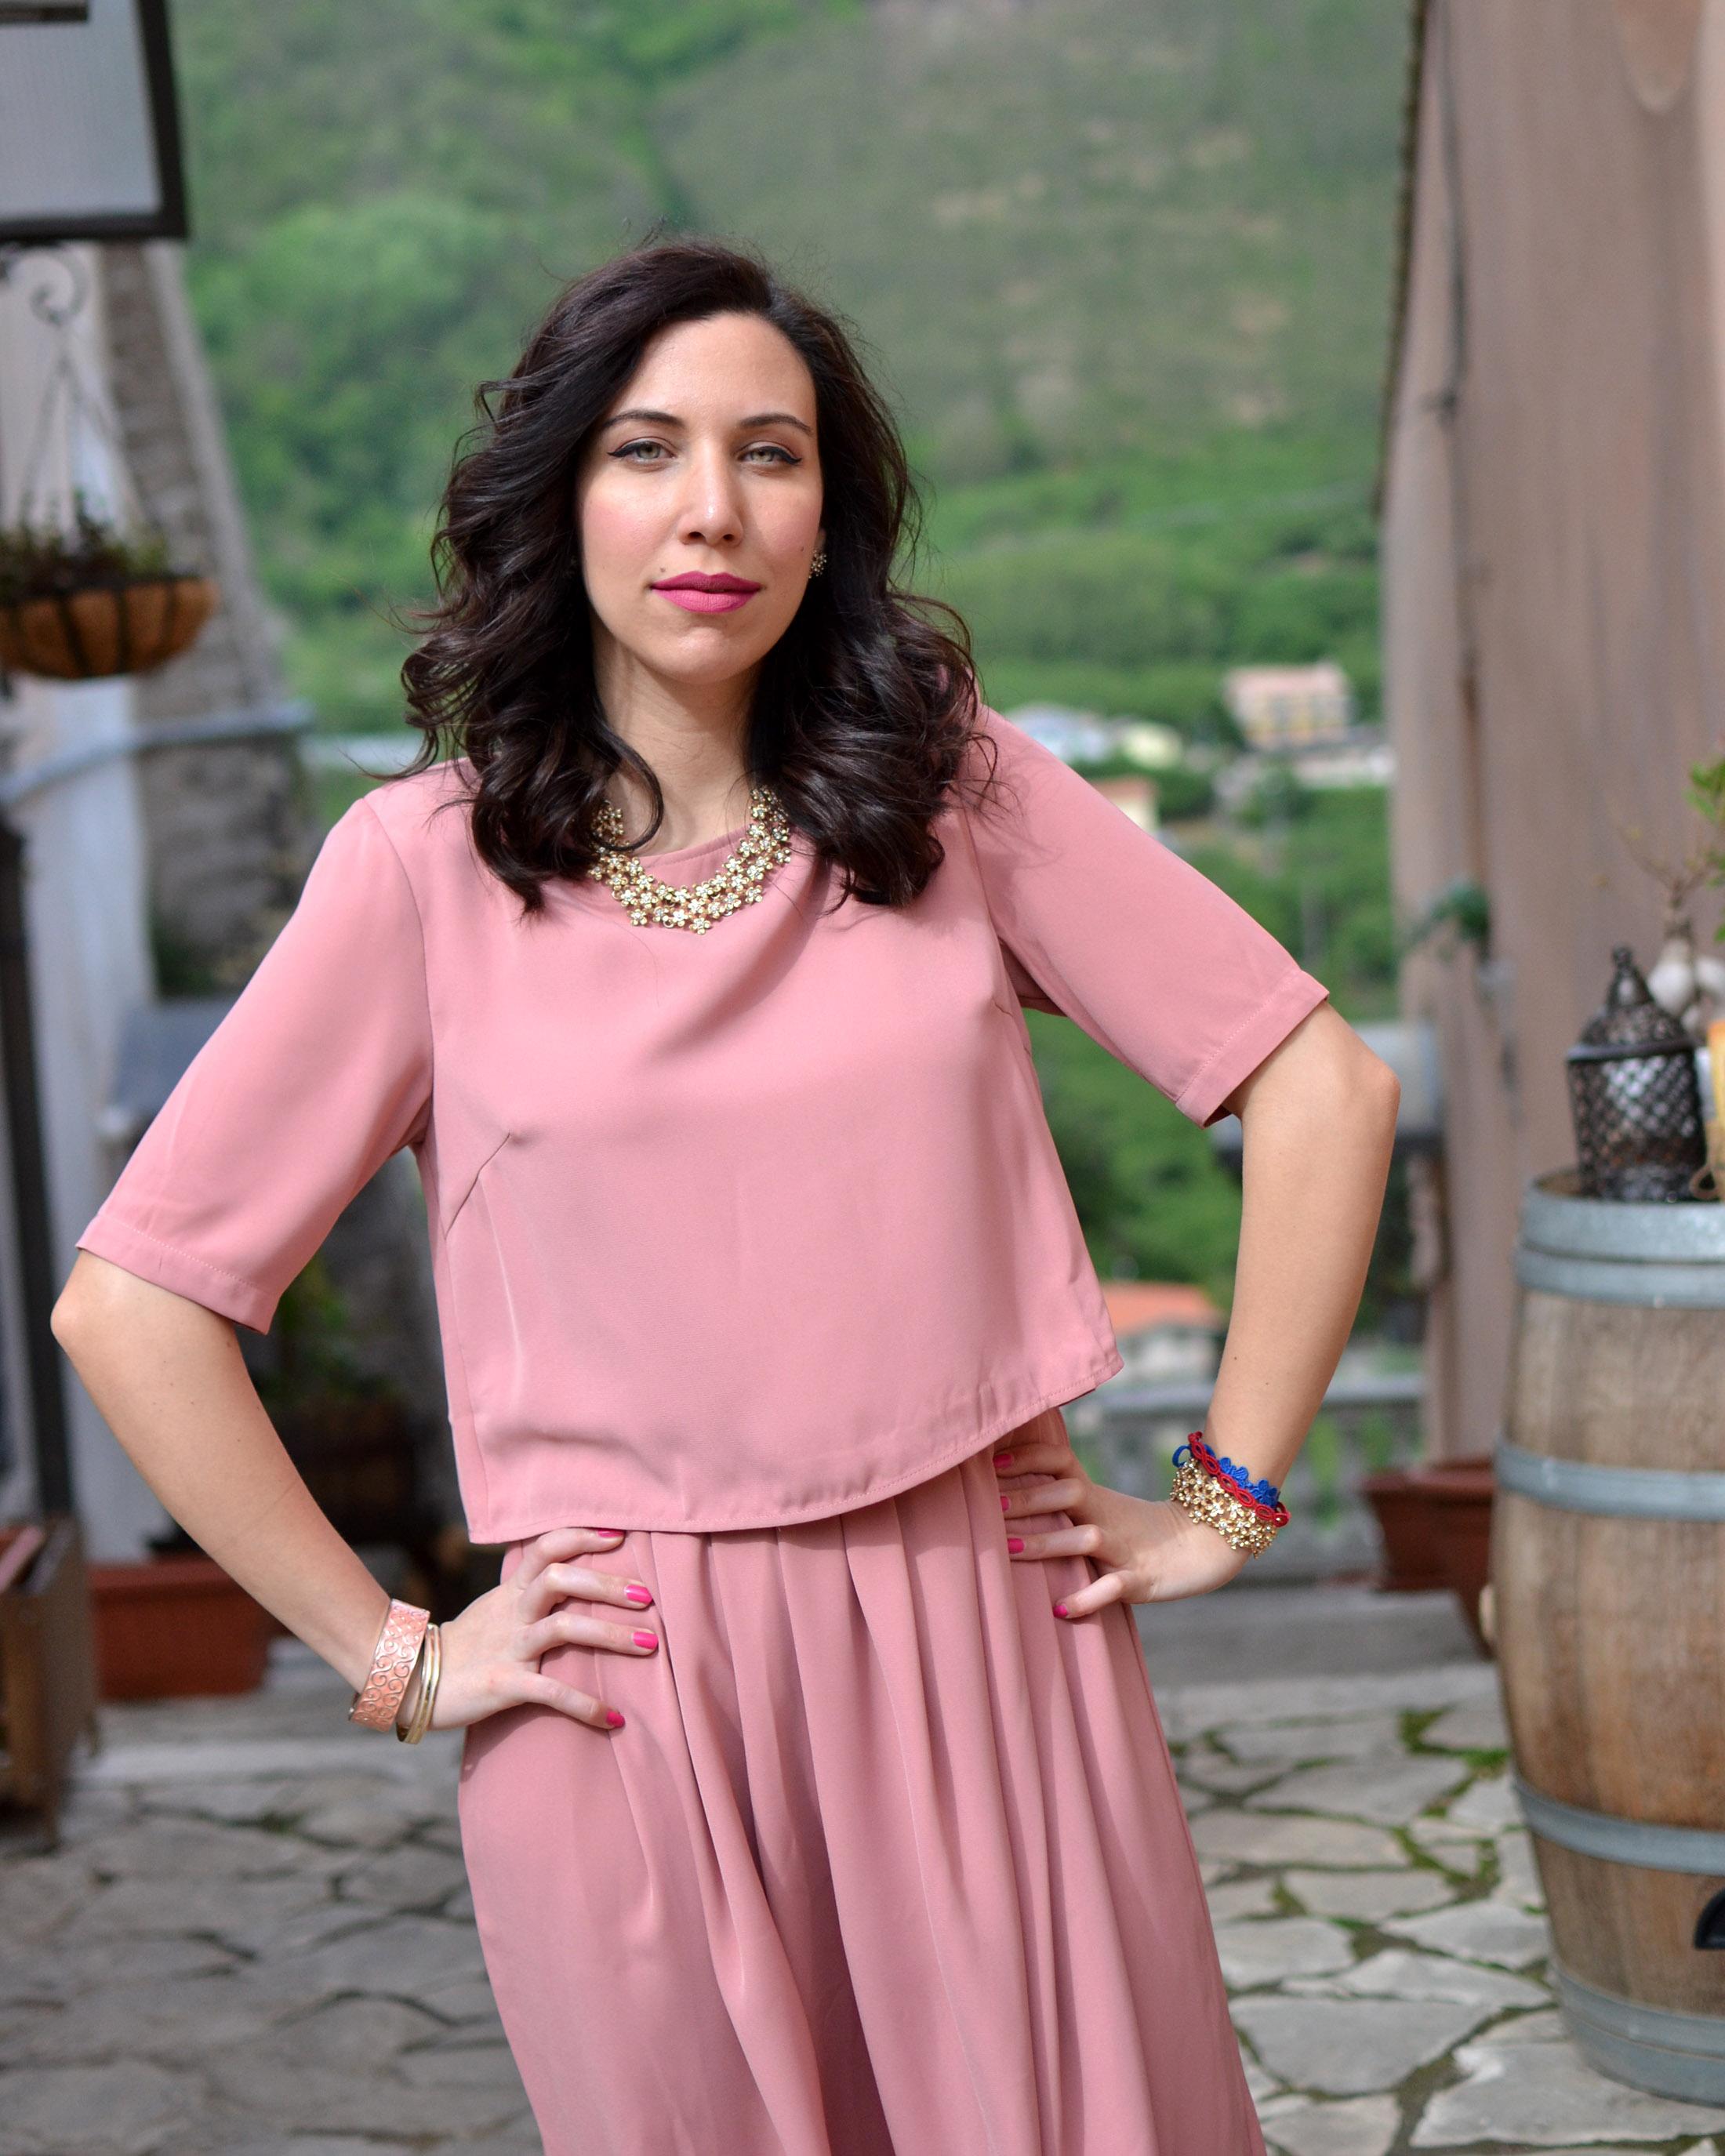 Cerimonia in estate: l'abito rosa antico per l'invitata